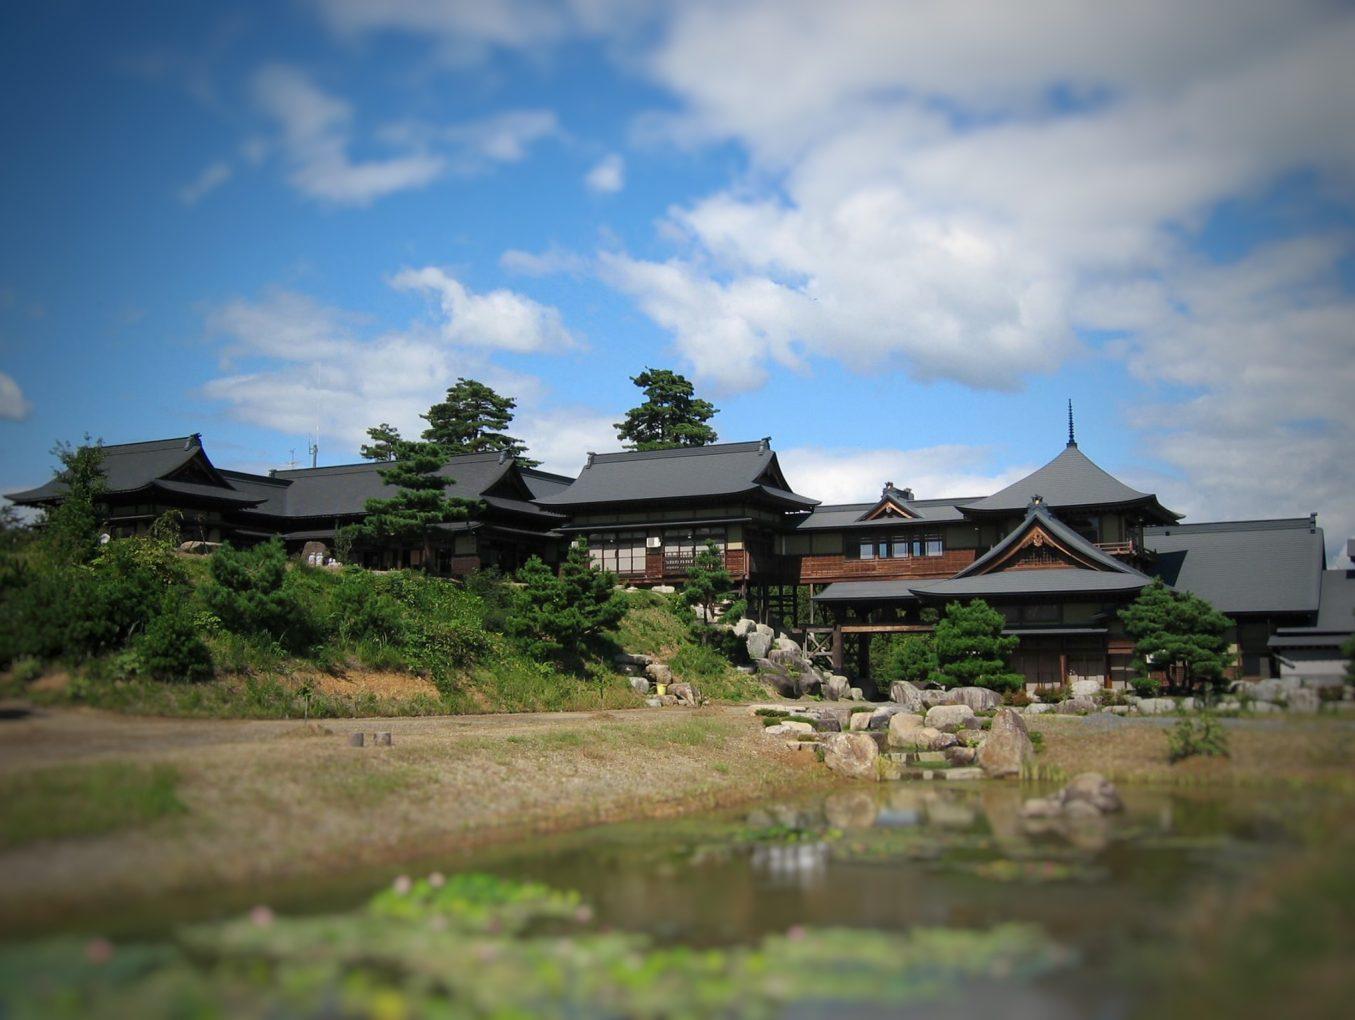 福島|会津坂下 割烹旅館 松林閣